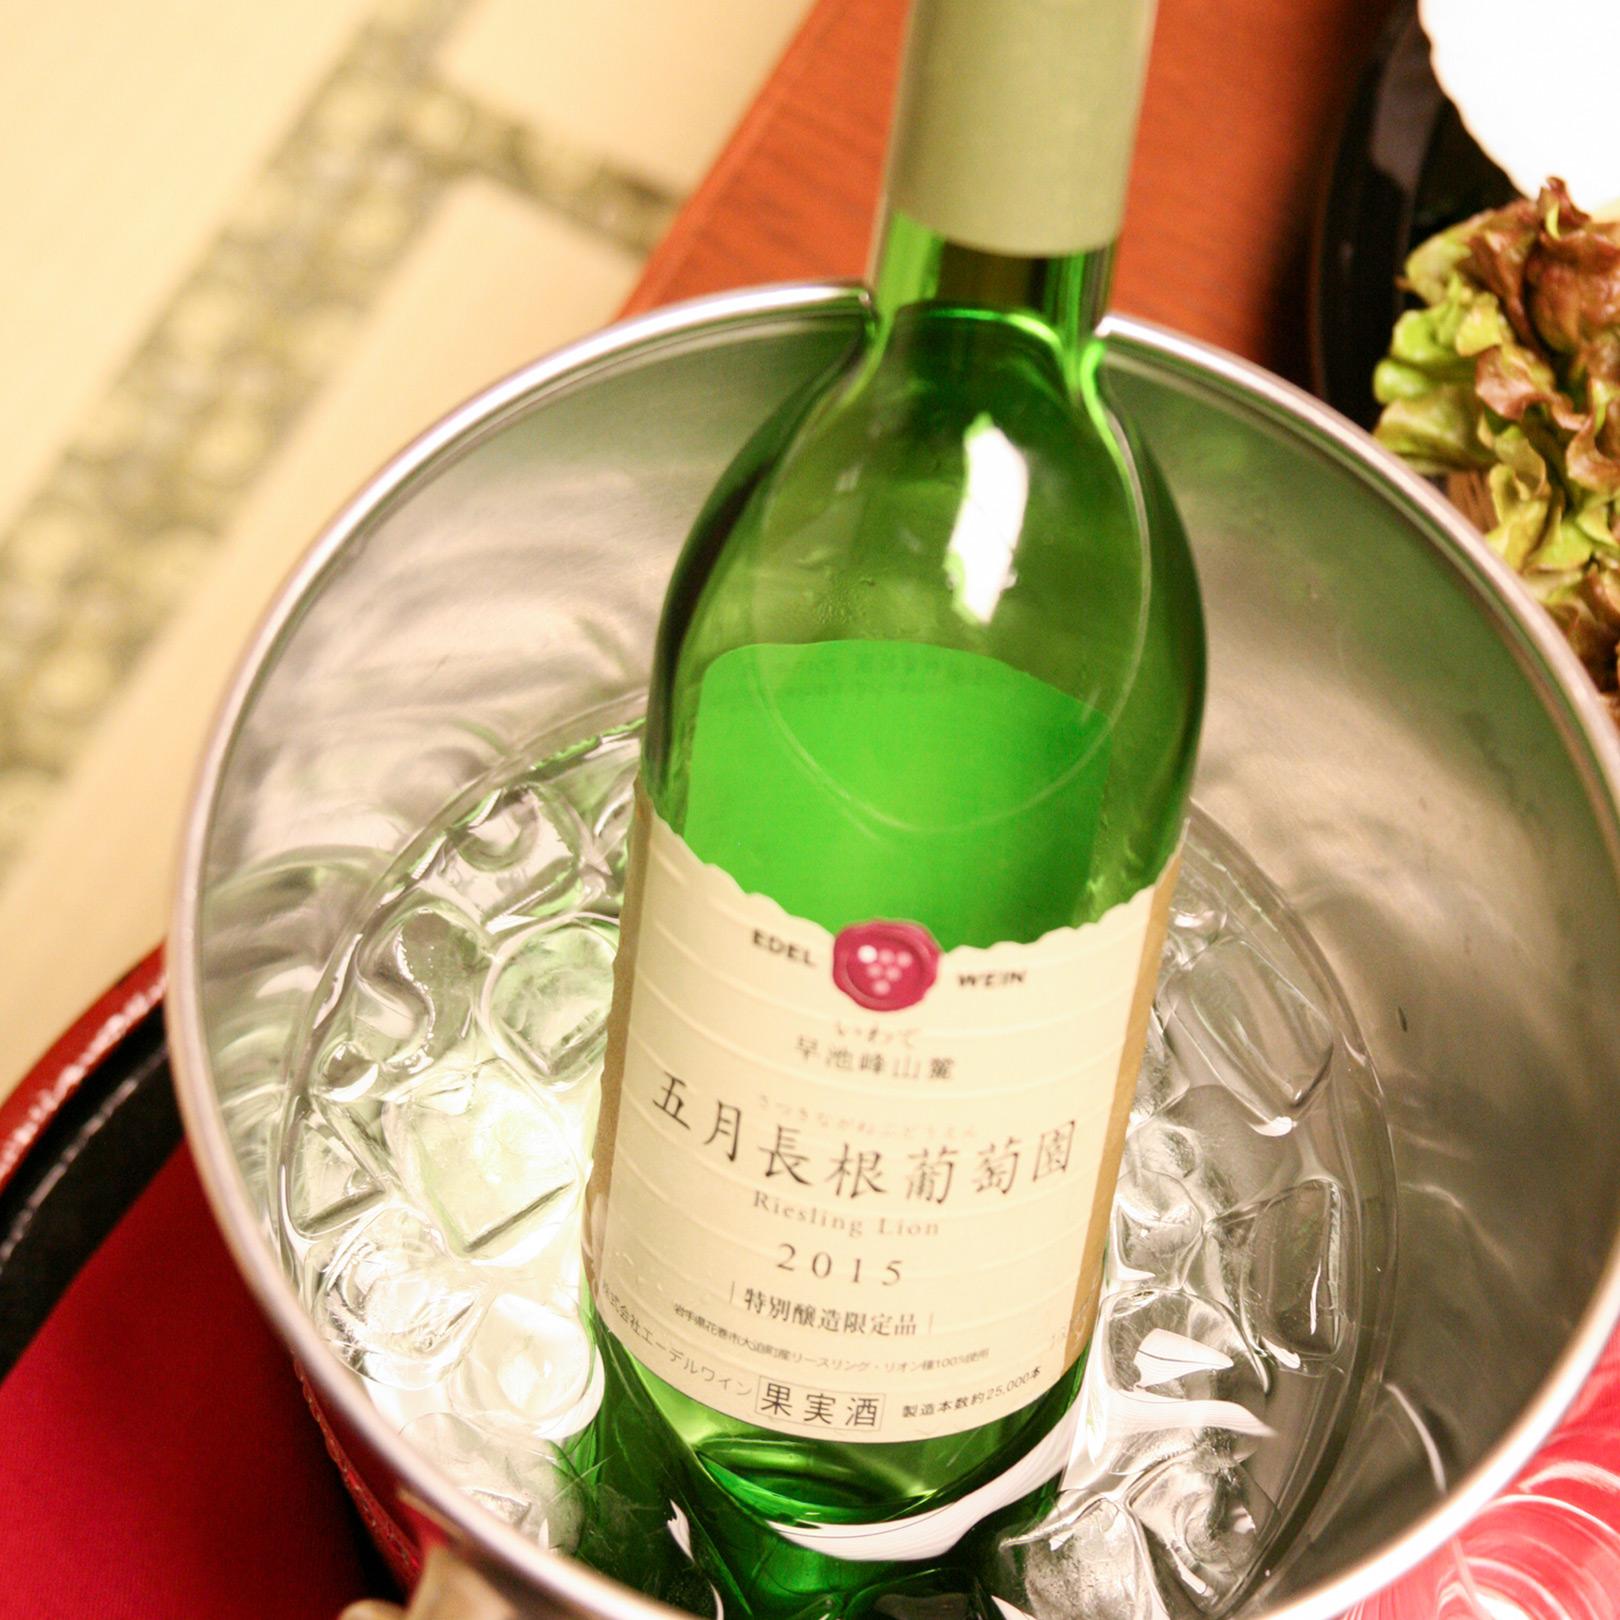 ワインも岩手県花巻市に本拠を置くエーデルワイン製。「五月長根葡萄園(さつきながねぶどうえん)2015」はリースリング・リオン100%で、すっきりした口当たりの白ワイン。